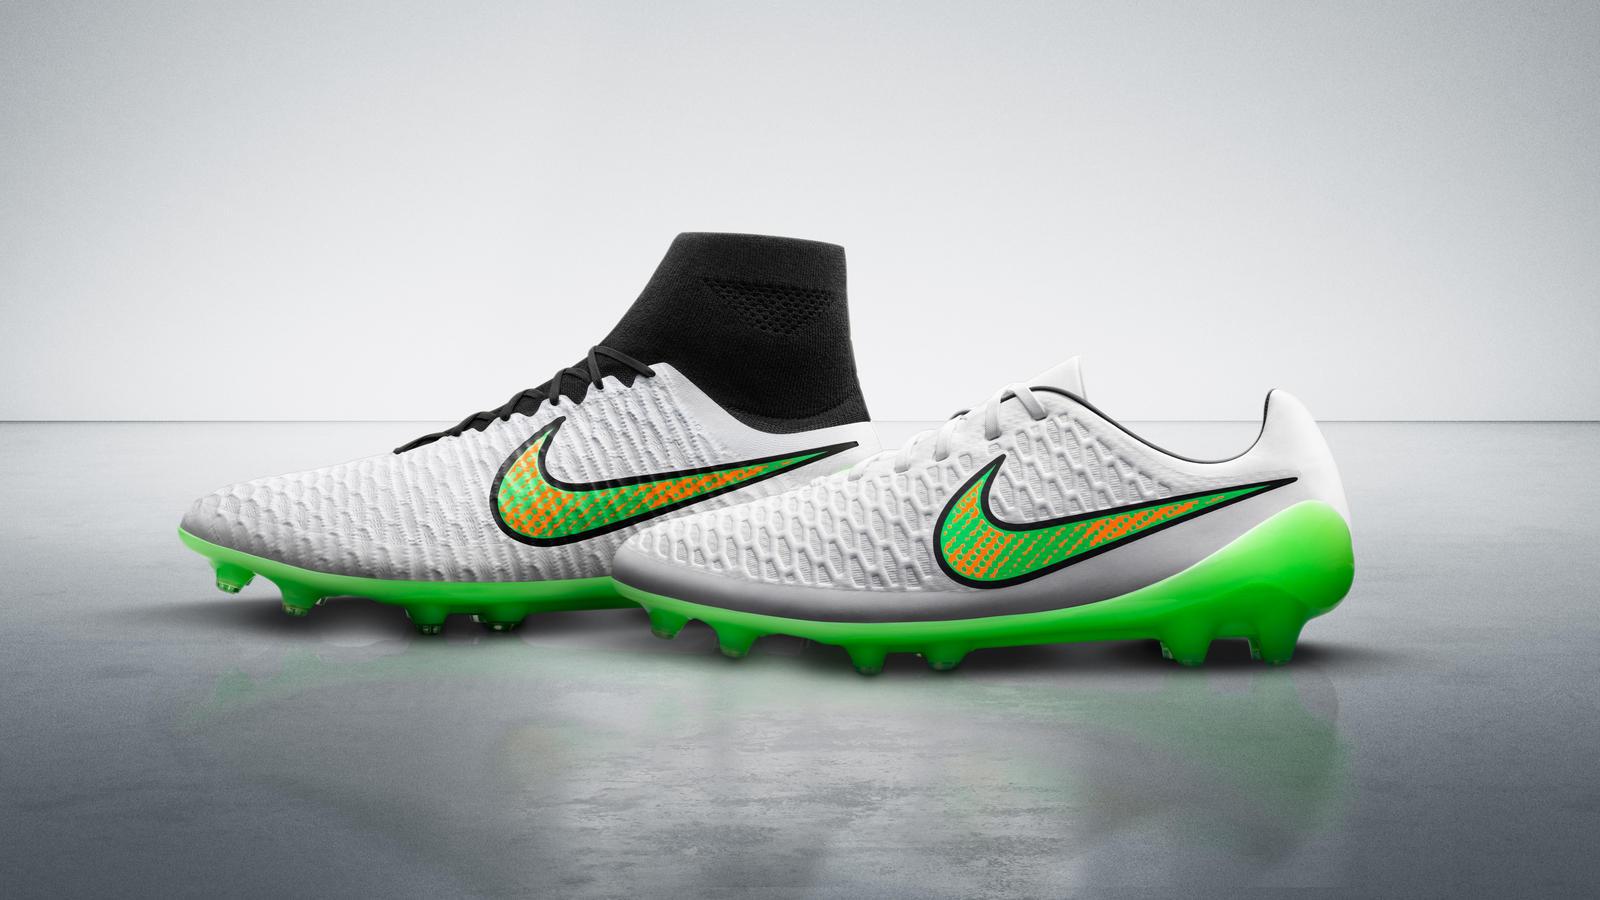 Nike Football Shine Through Collection Nike News